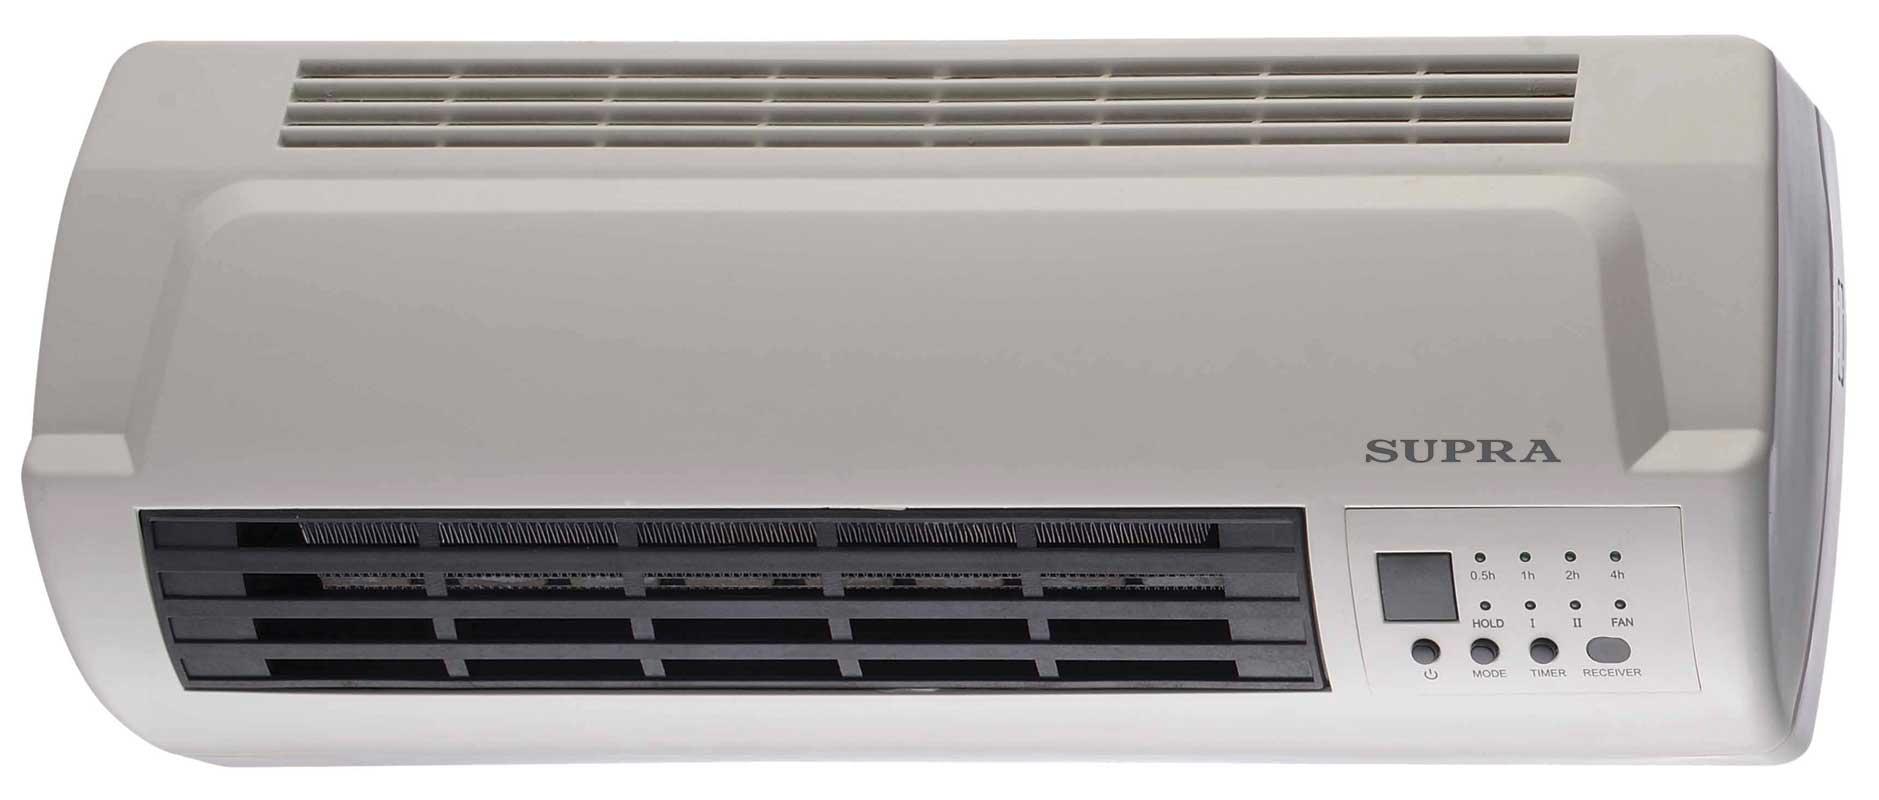 Тепловентилятор SupraТепловентиляторы электрические (бытовые)<br>Мощность: 2000,<br>Нагревательный элемент: керамический,<br>Напряжение: 220,<br>Тип управления: механическое,<br>Тип установки: настенный,<br>Защита от перегрева: есть<br>